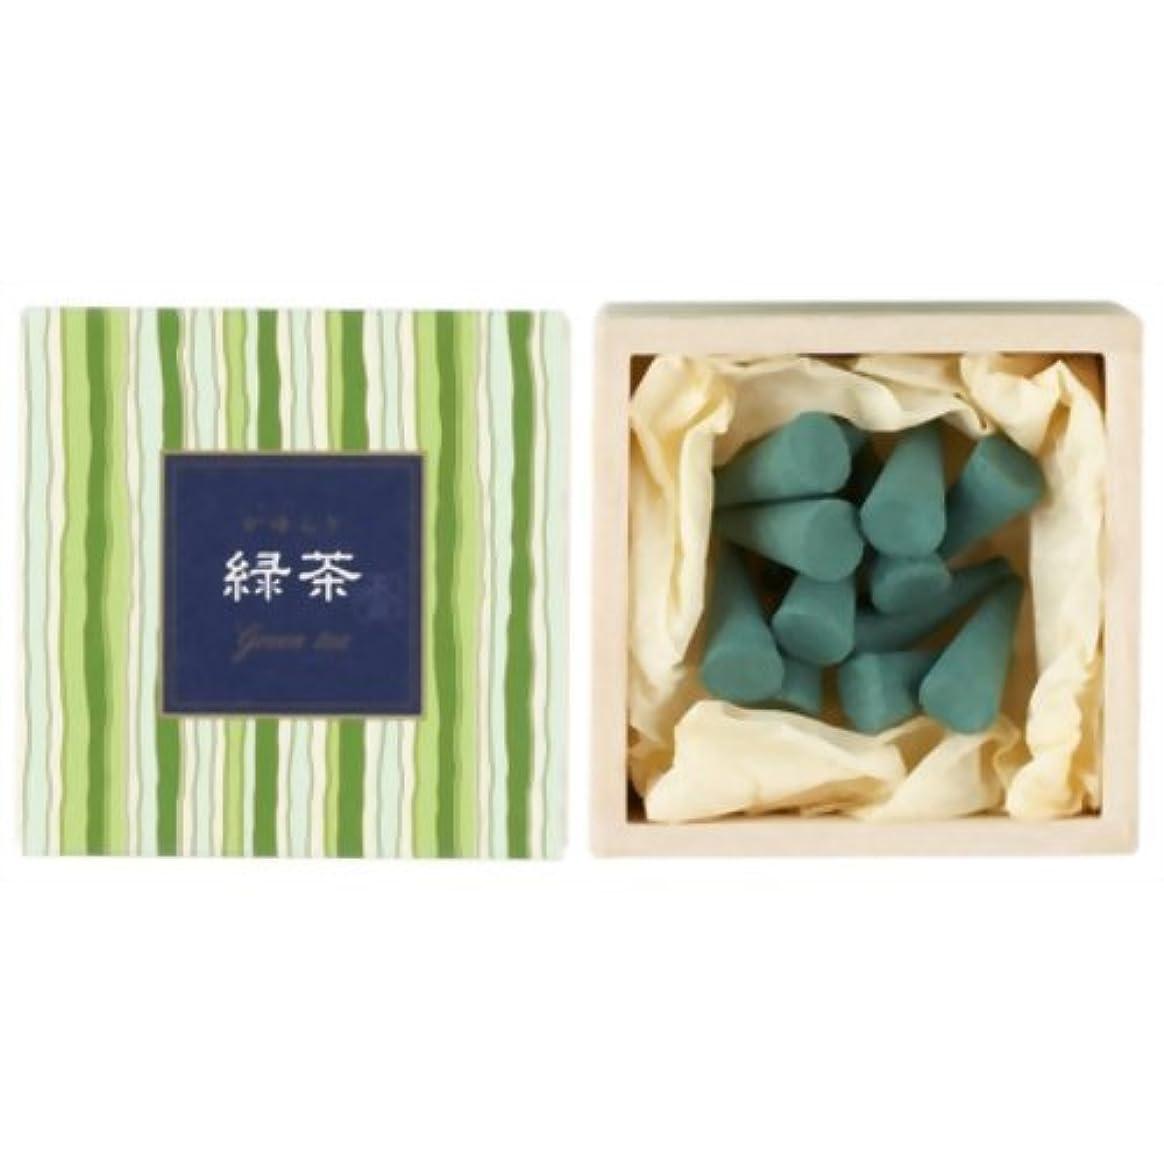 このボックス赤ちゃんかゆらぎ 緑茶 コーン12個入 香立付